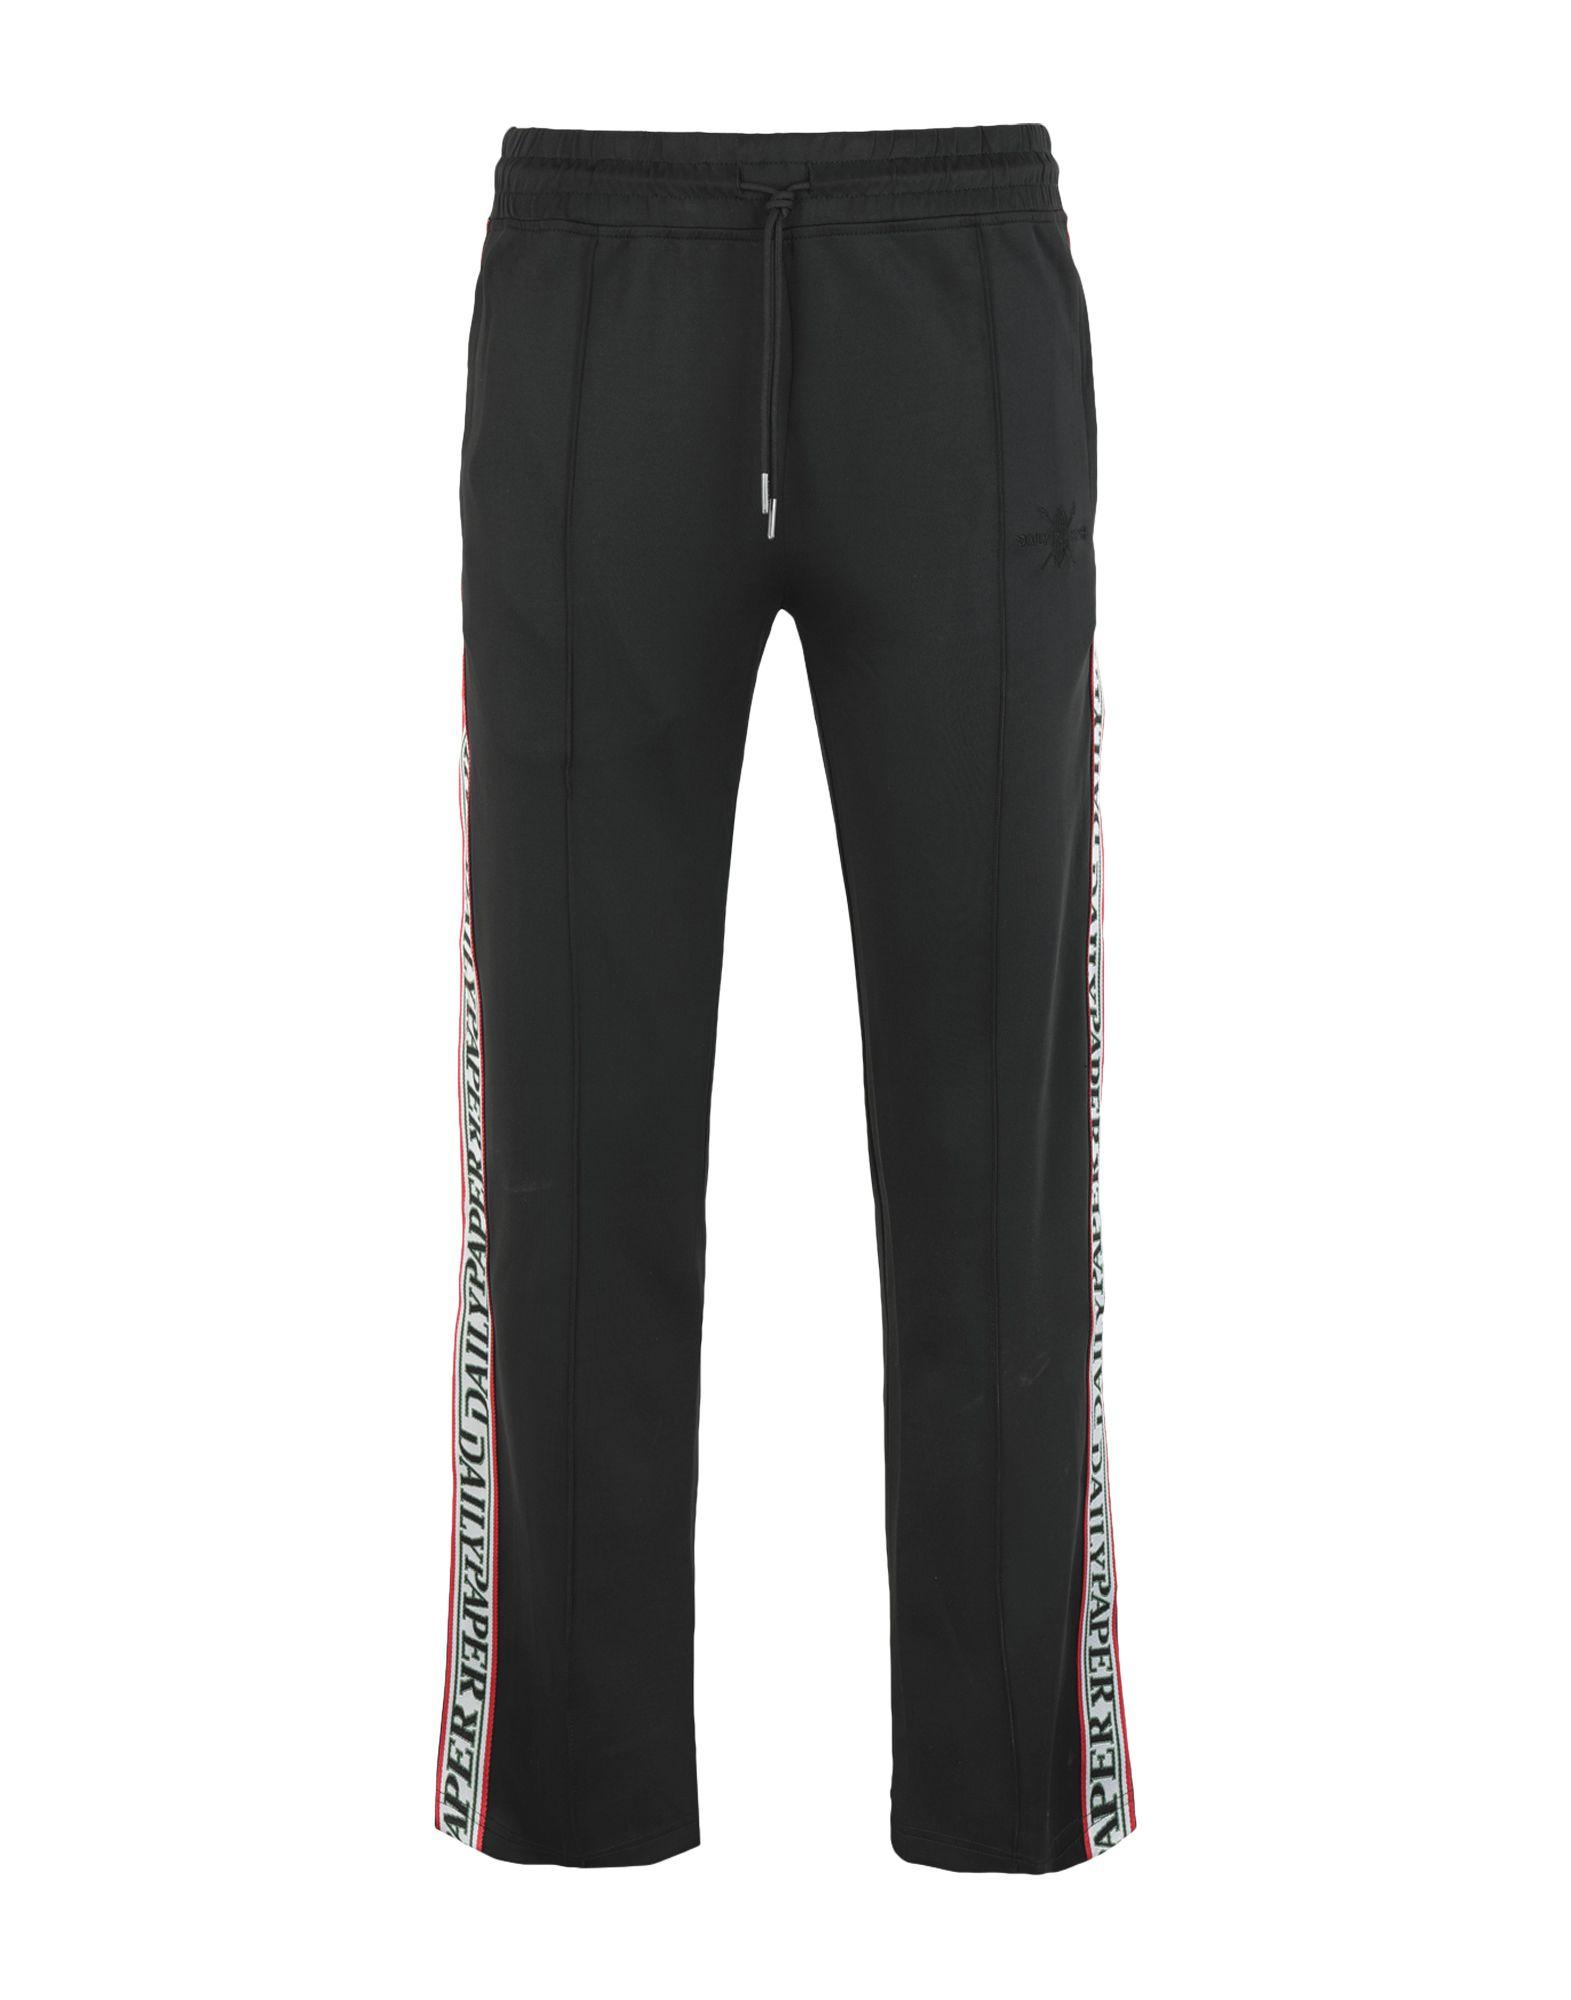 《送料無料》DAILY PAPER メンズ パンツ ブラック S ポリエステル 95% / ポリウレタン 5% LIBA